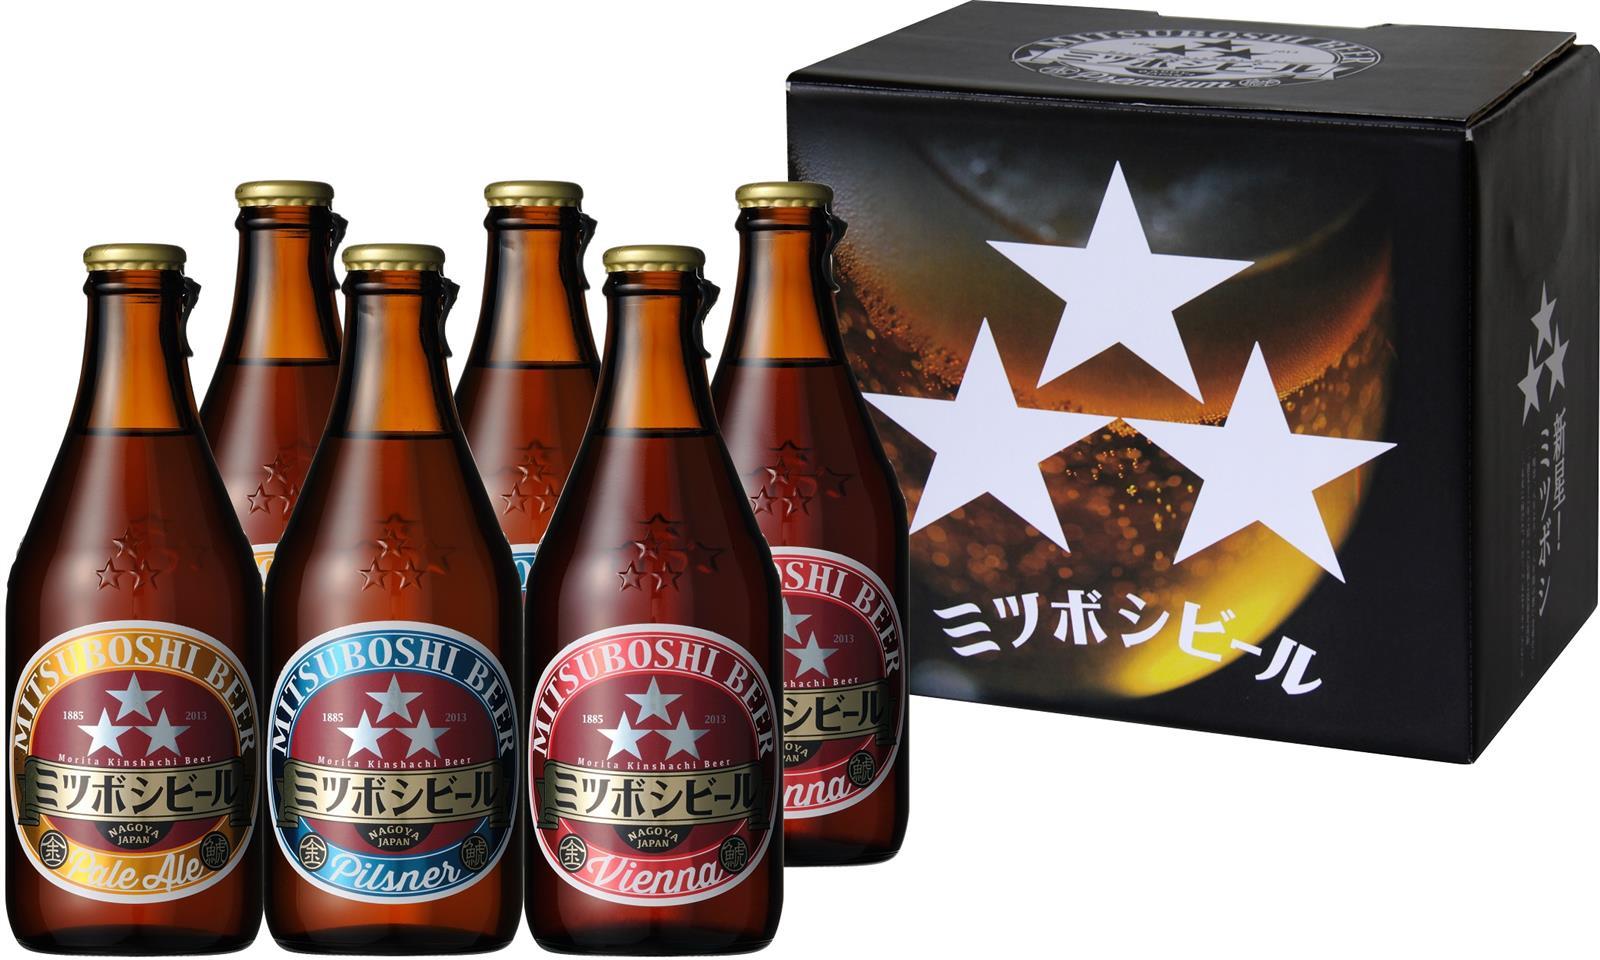 【ふるさと納税】B-08_ミツボシビール 飲みくらべセット